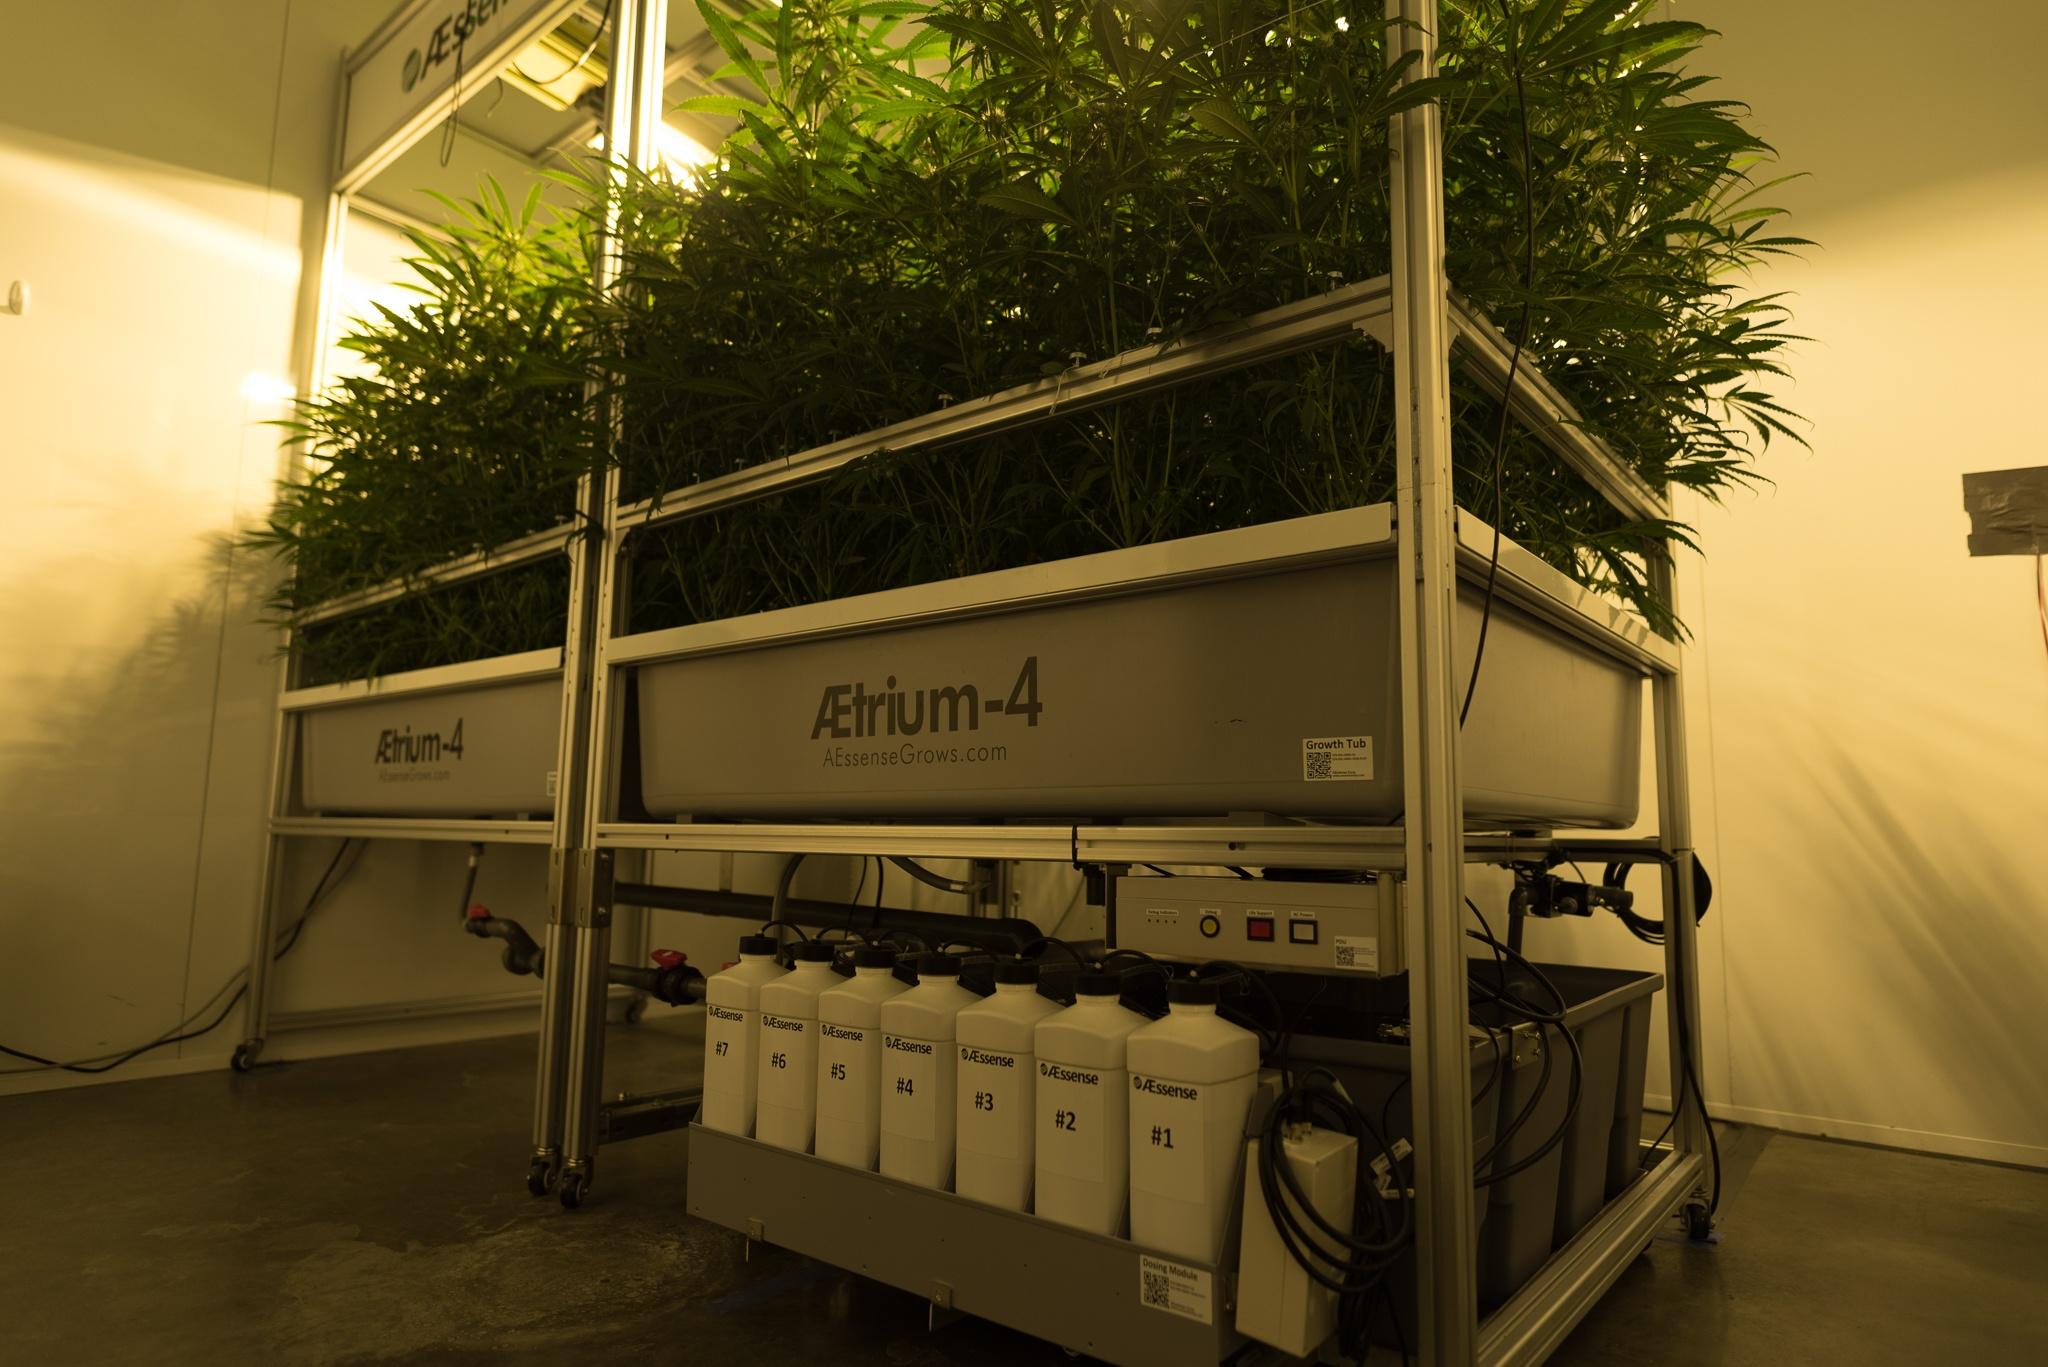 AessenseGrows Cultivation AEtrium-4 Test Kitchen Growth